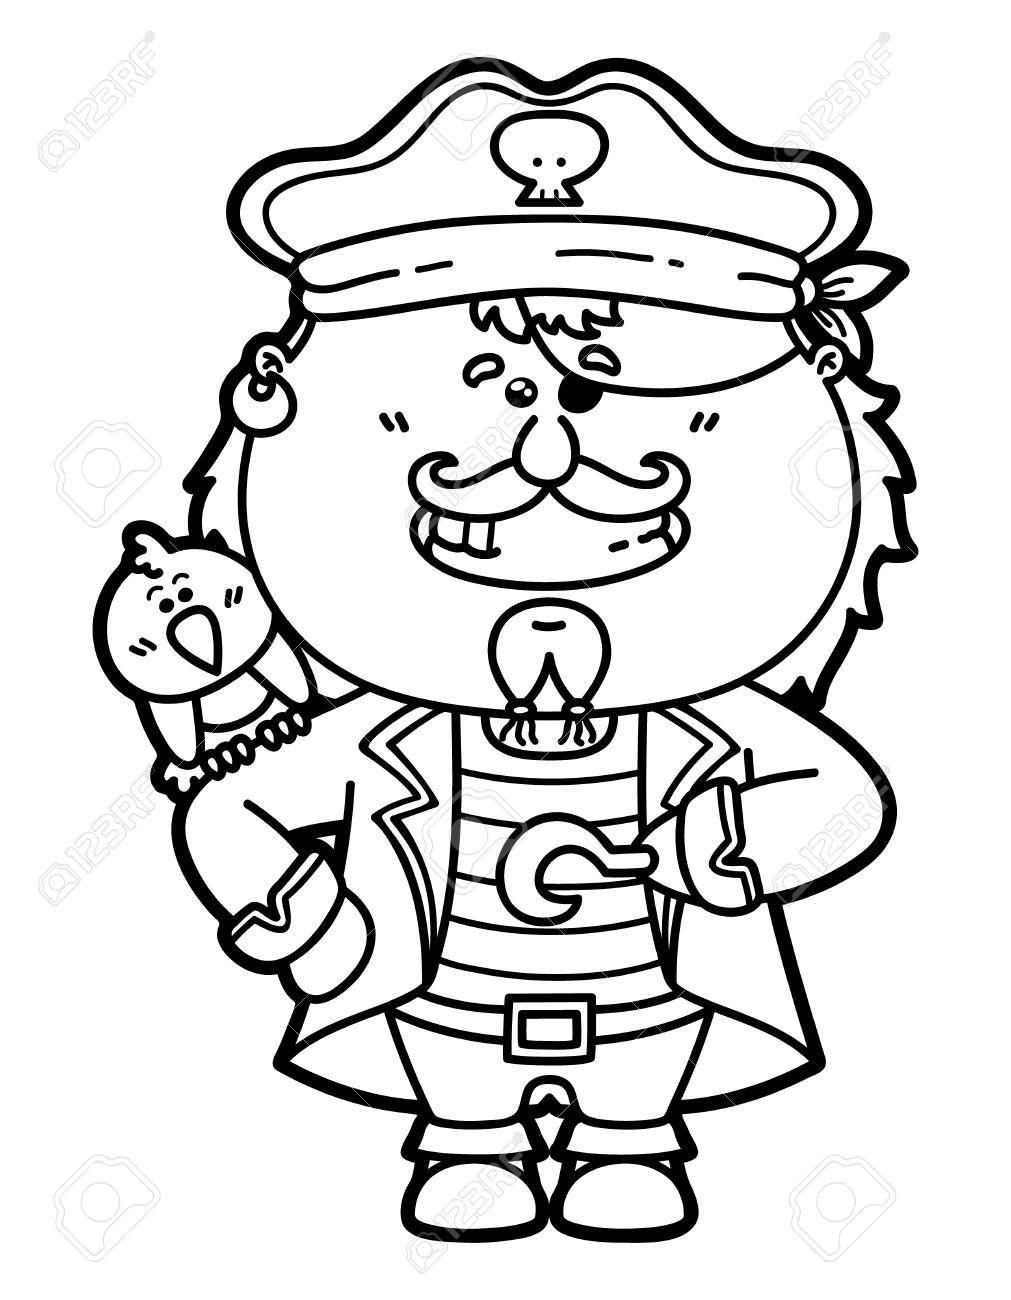 Lustigen Piraten Vektor Illustration Malvorlagen Von Glücklich